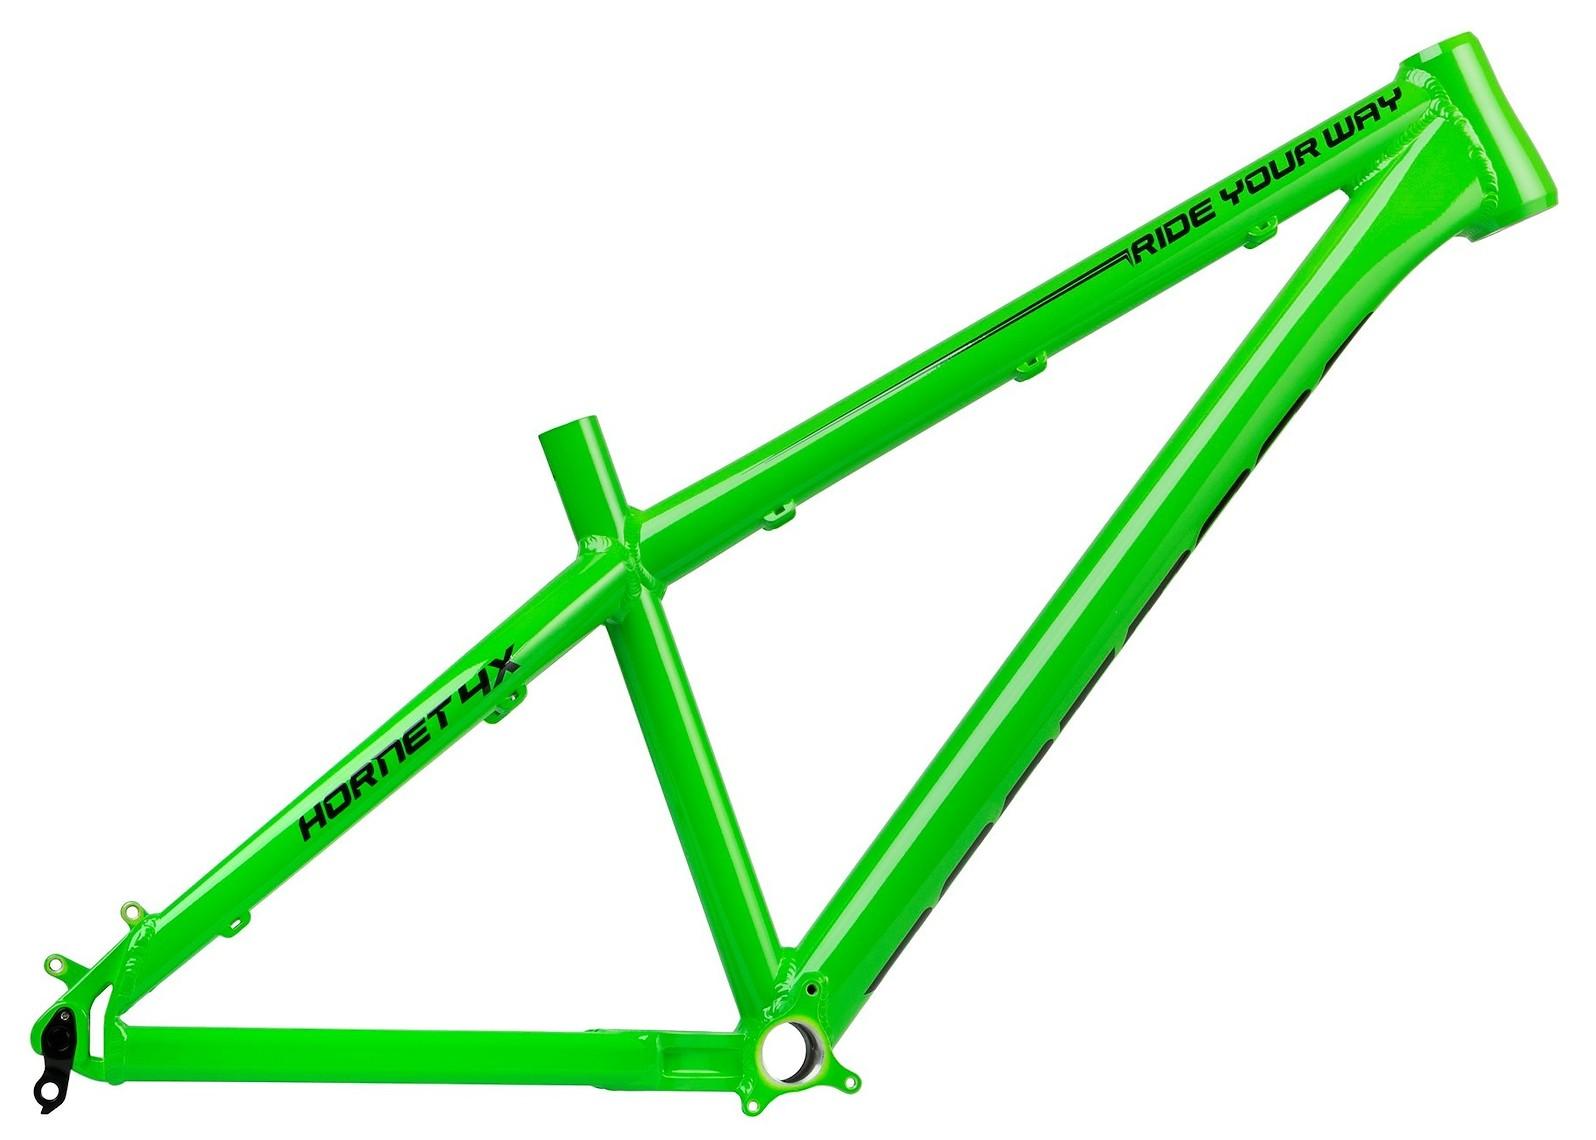 Hornet_4X_green